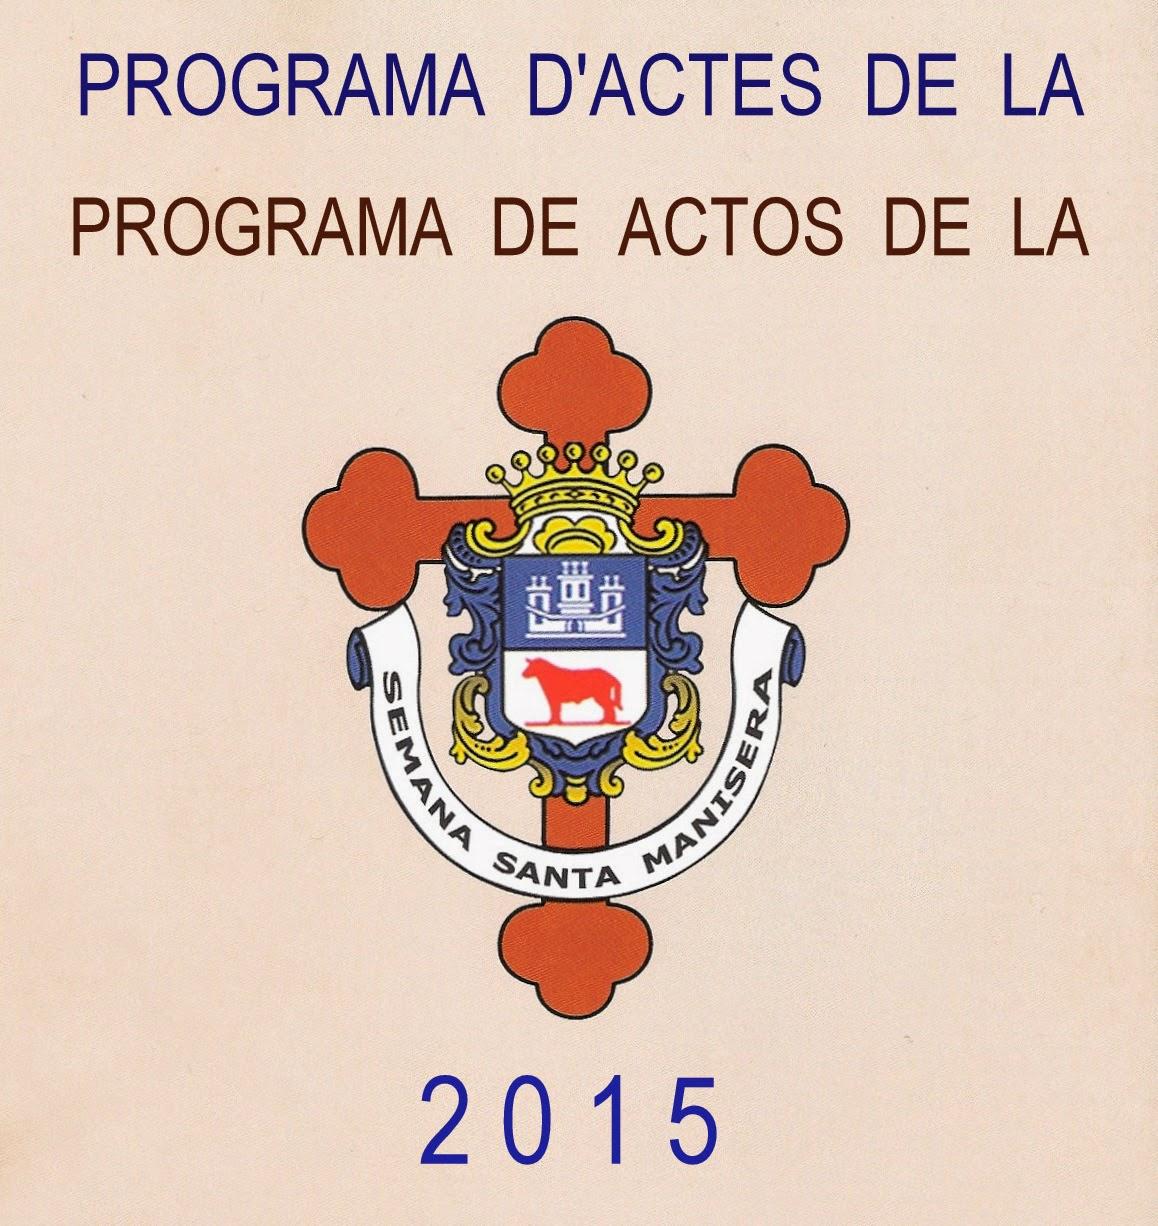 PROGRAMA DE ACTOS EN LA SEMANA SANTA MANISERA DE 2015, DÍAS Y HORARIOS